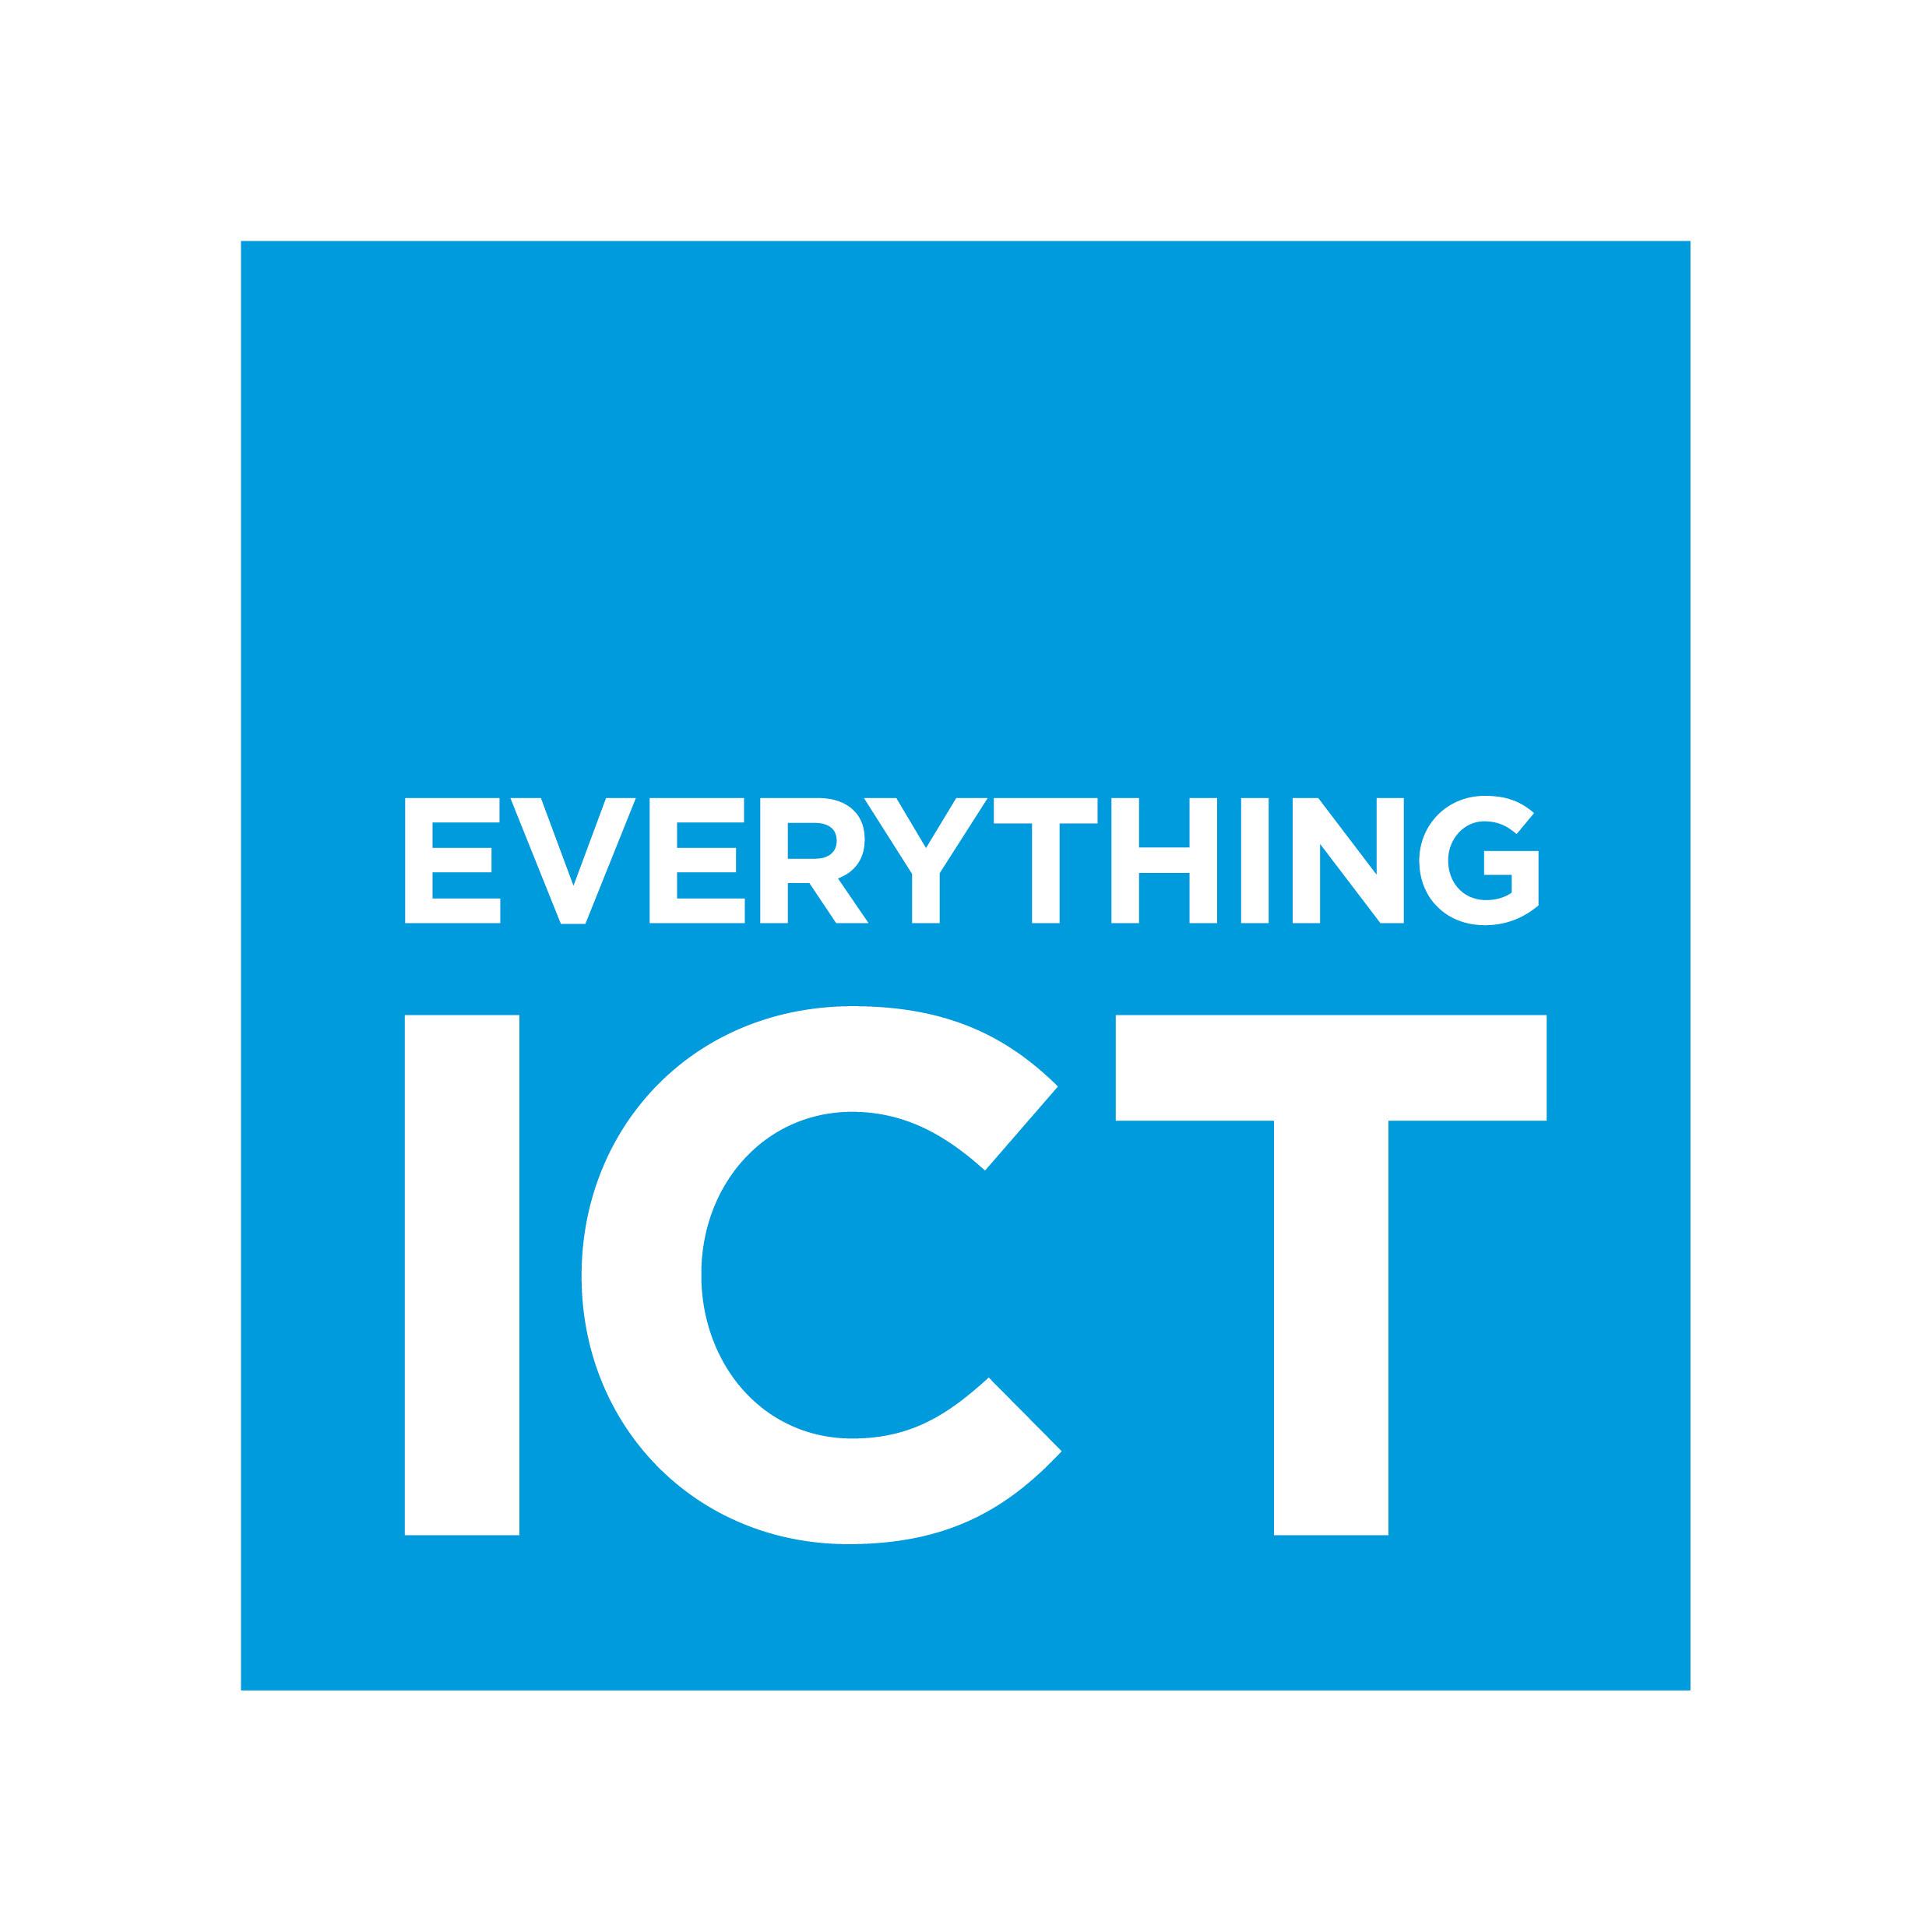 (c) Everythingict.org